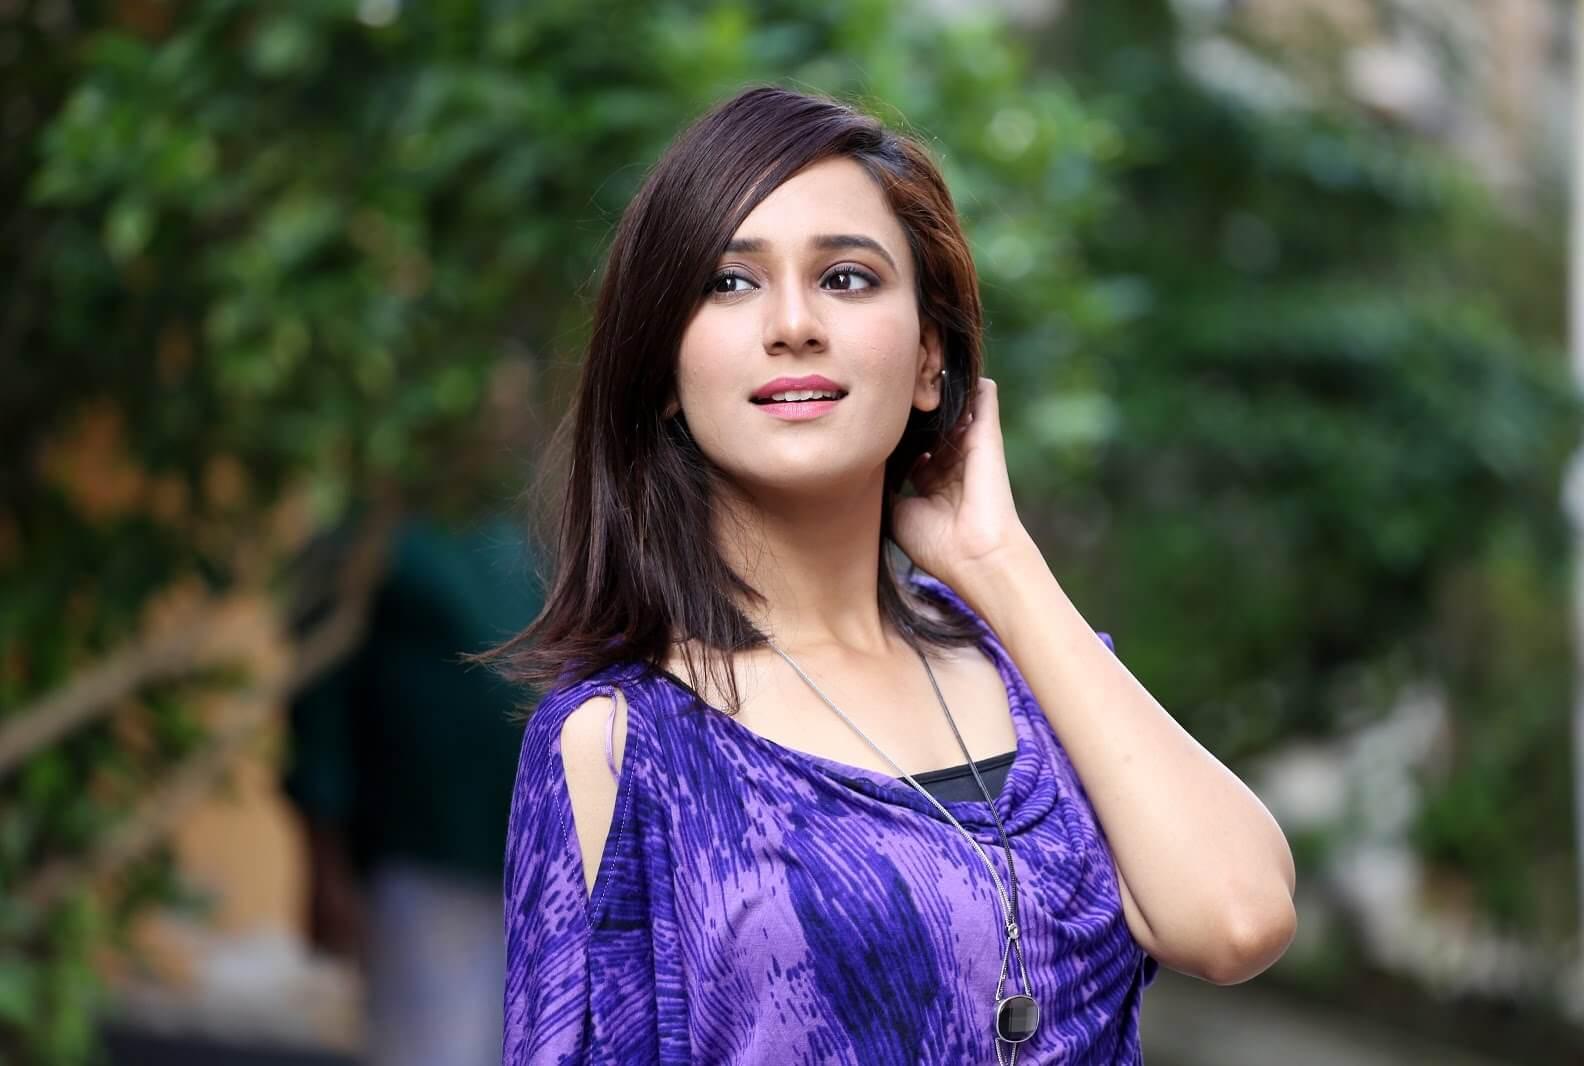 BD Actress Sabila Nur